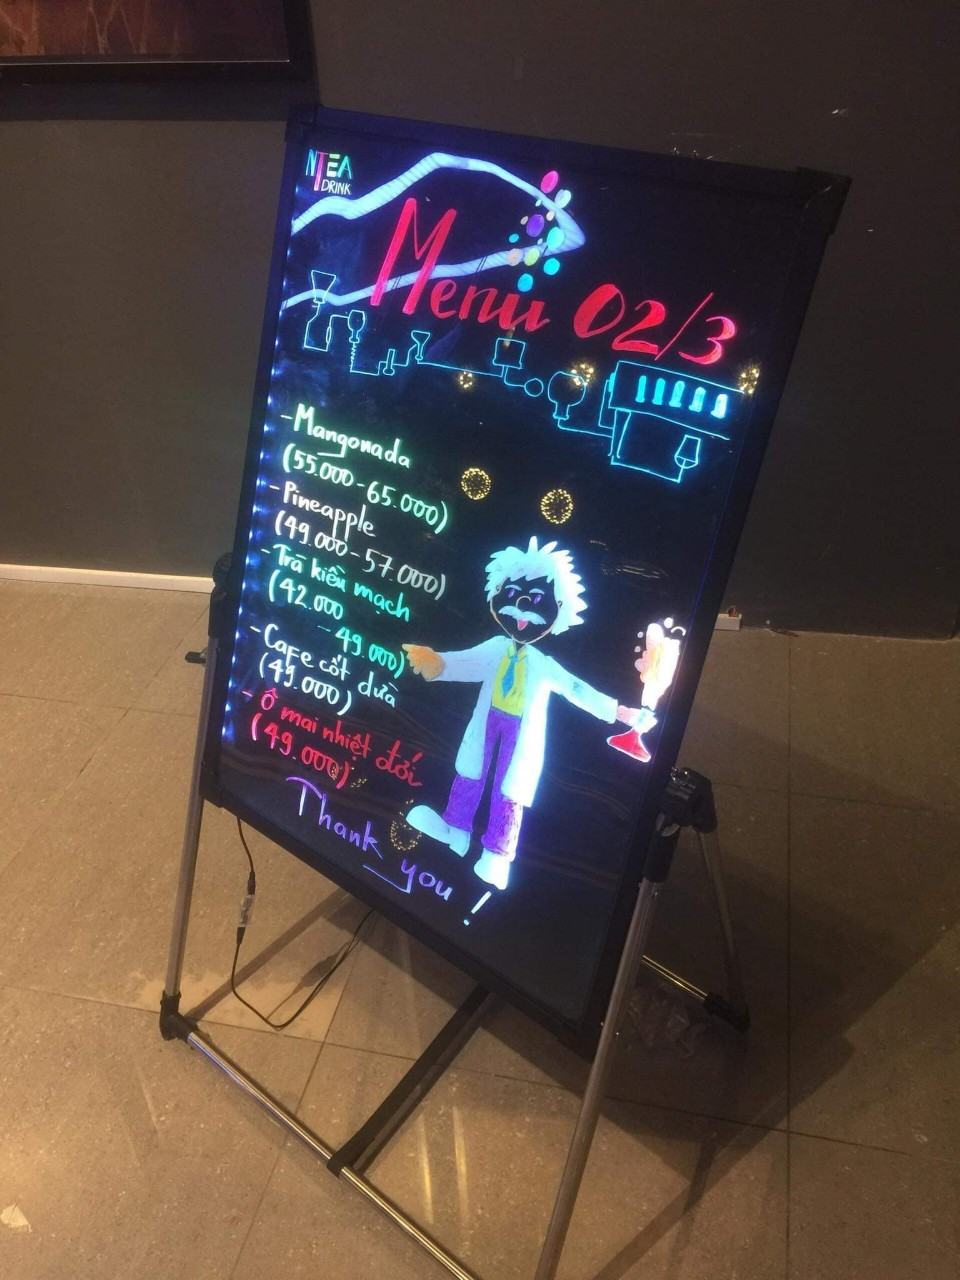 Bảng huỳnh quang-bảng led viết tay giá rẻ ở sài gòn